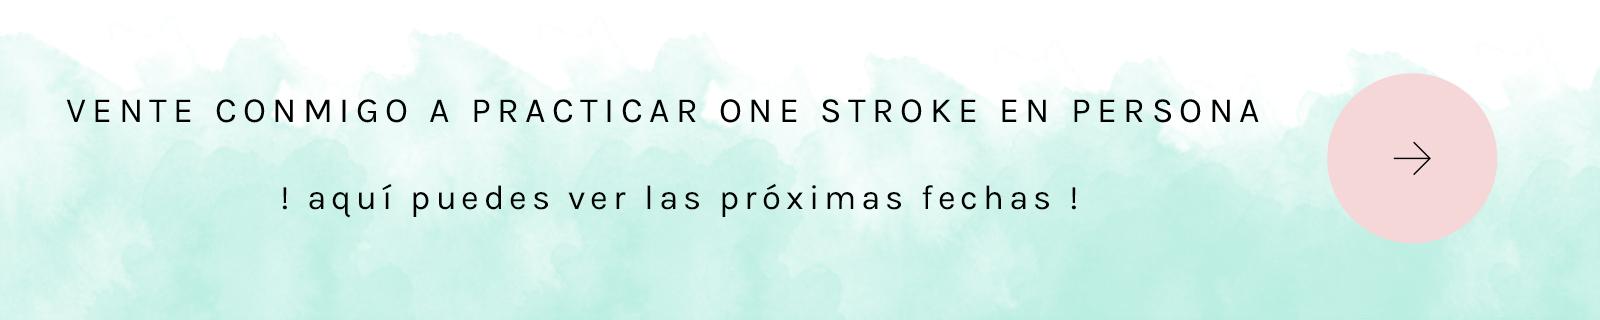 curso-one-stroke